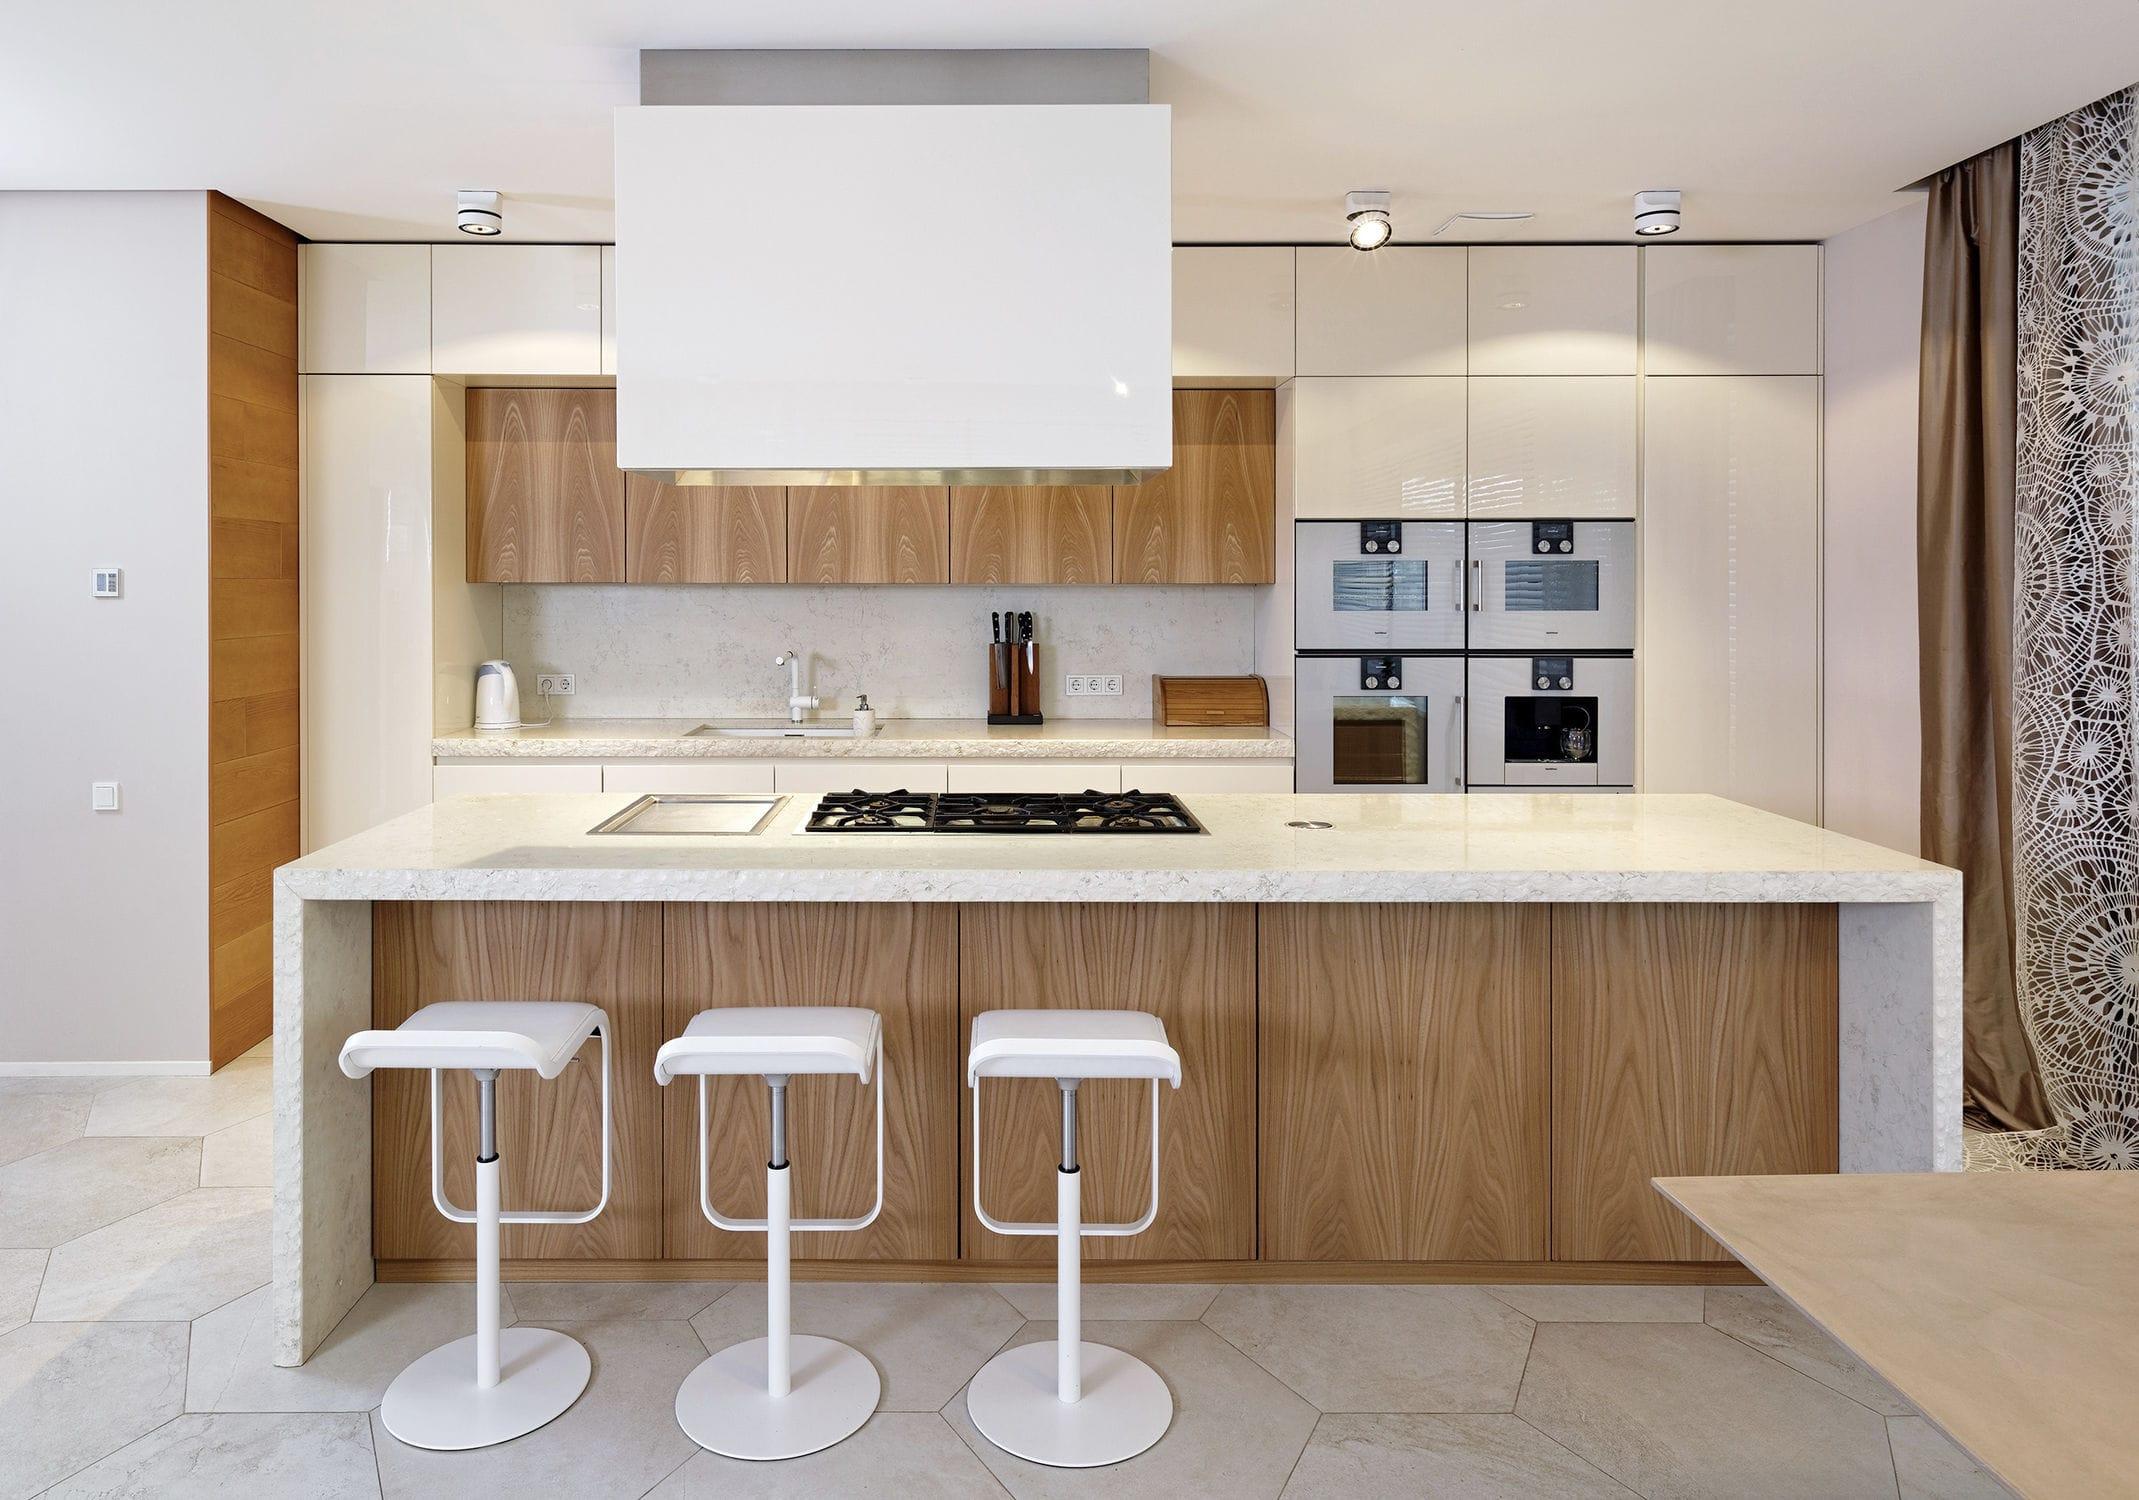 Cozinha Contempor Nea Em Pedra Em Olmo Em Madeira Lacada